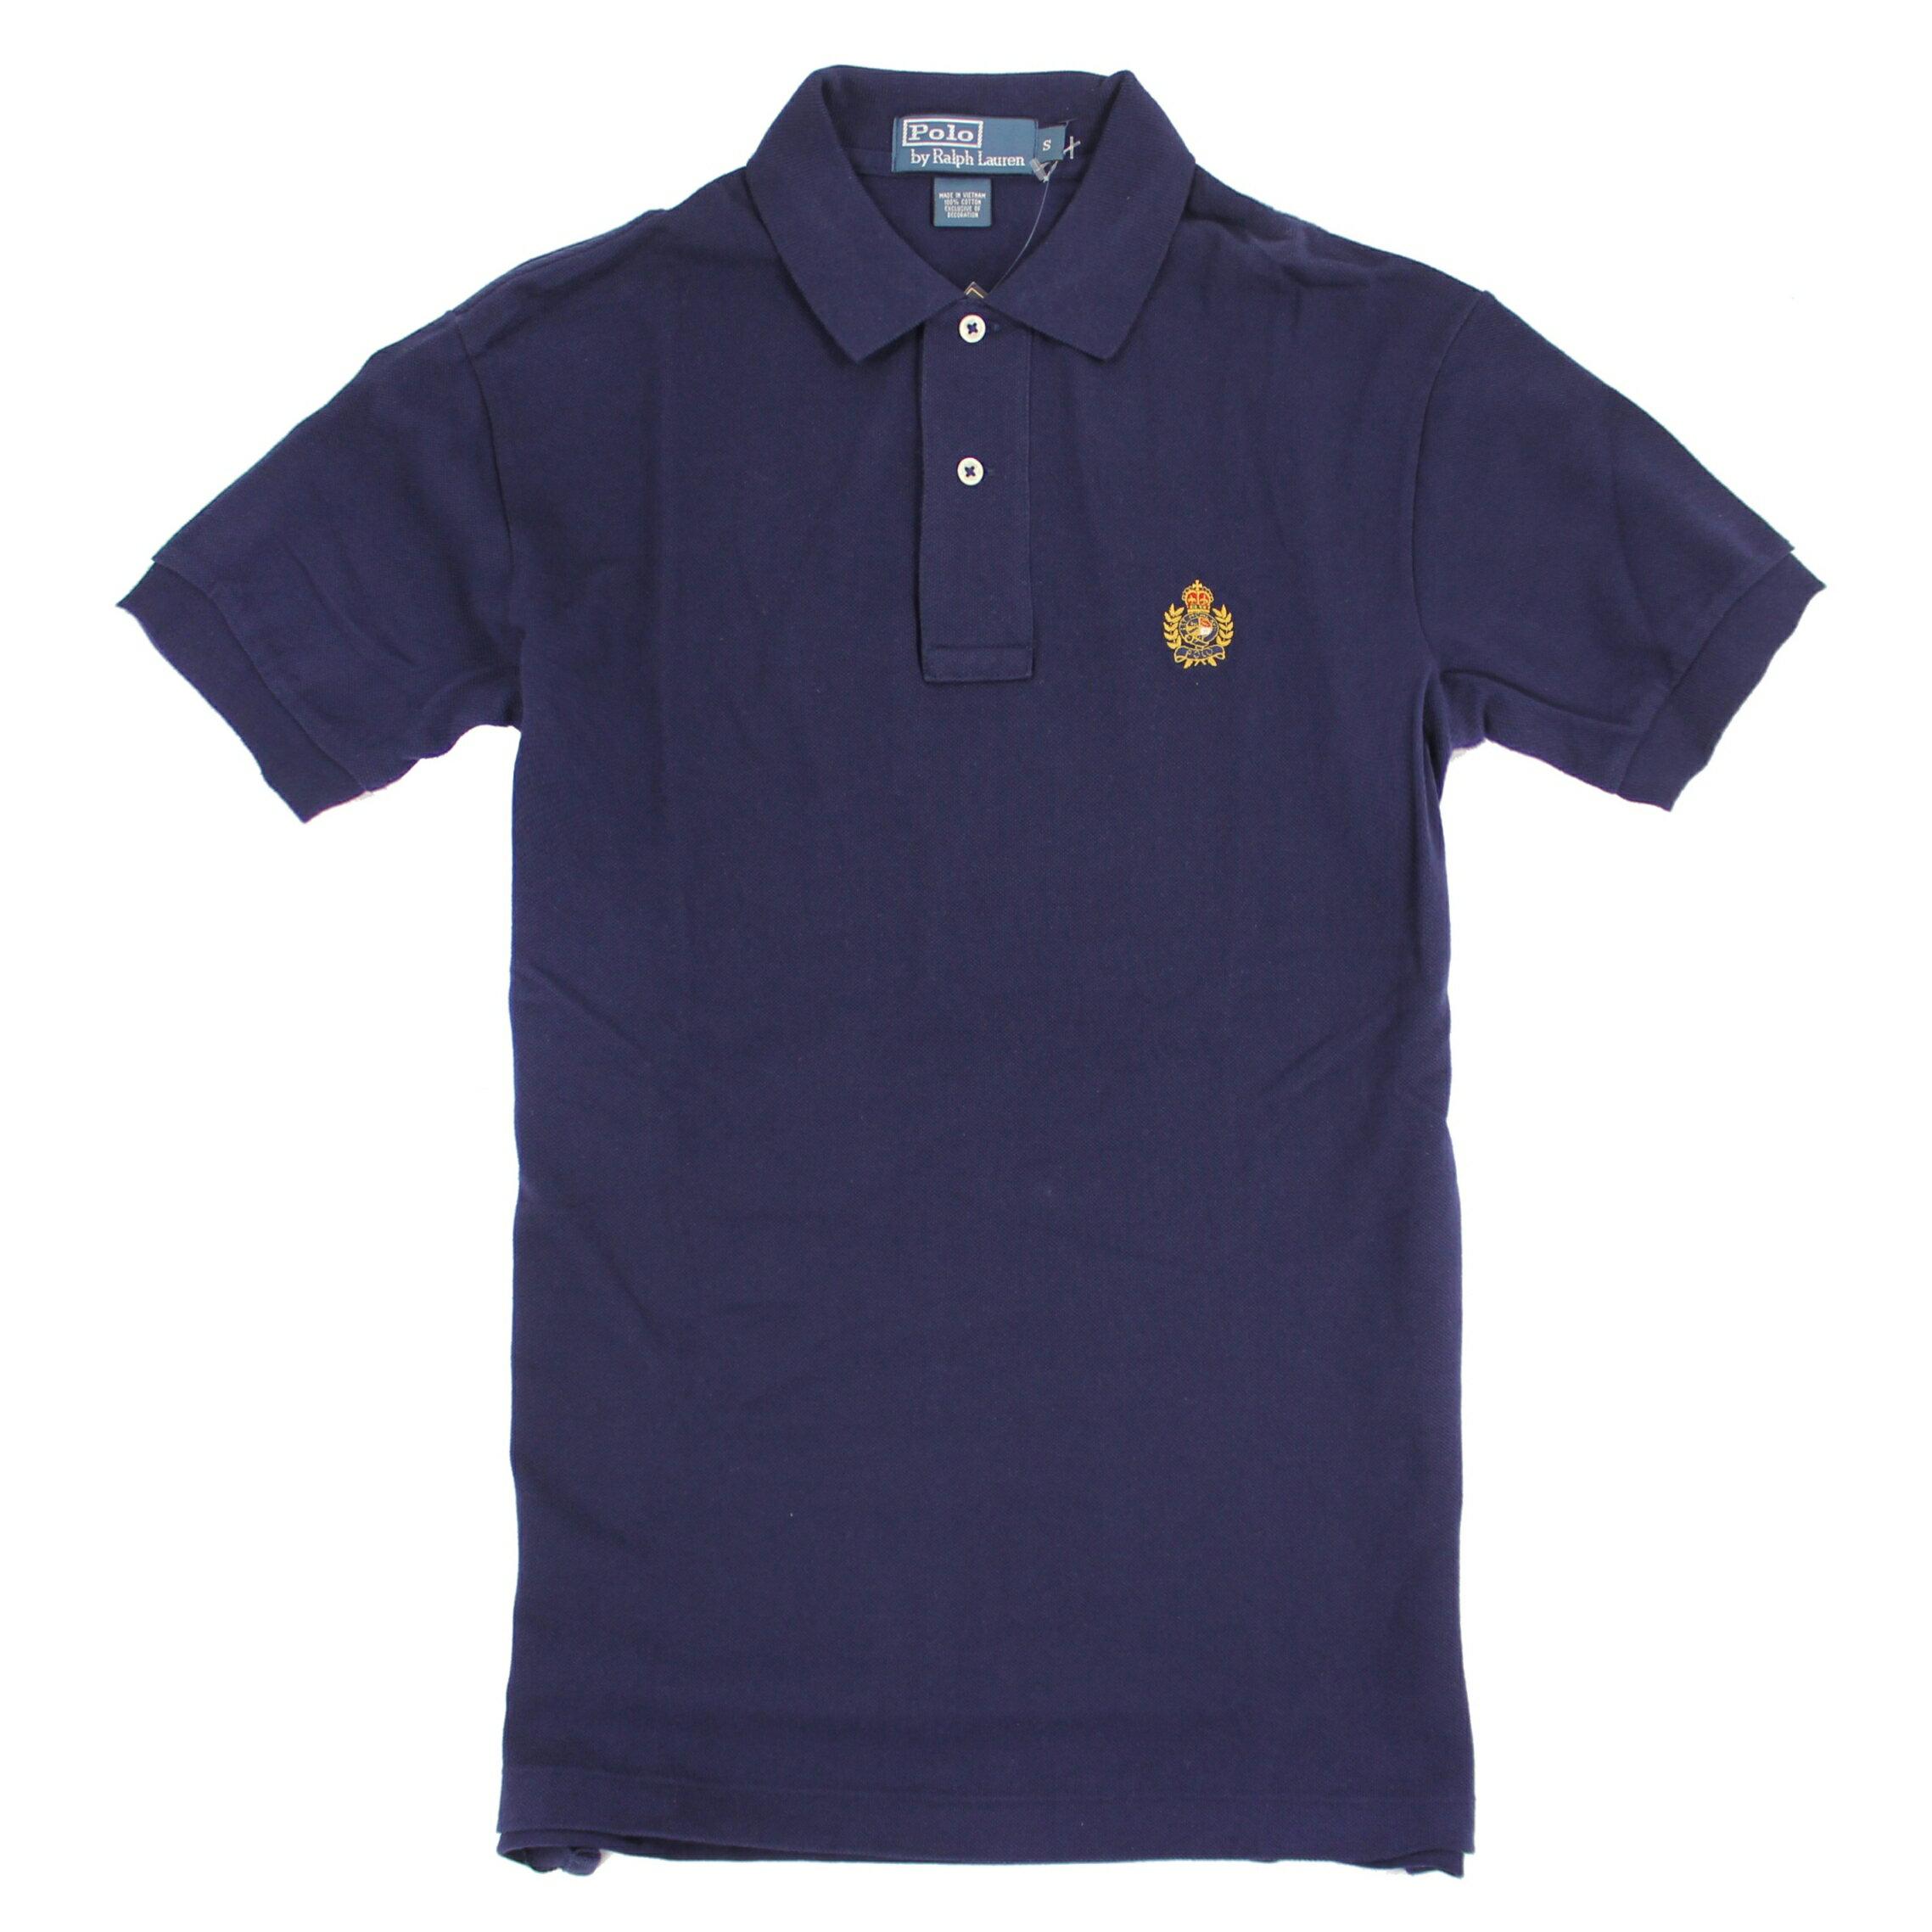 美國百分百【全新真品】Ralph Lauren Polo衫 RL 短 polo 休閒 素面 男 深藍 S號 E136